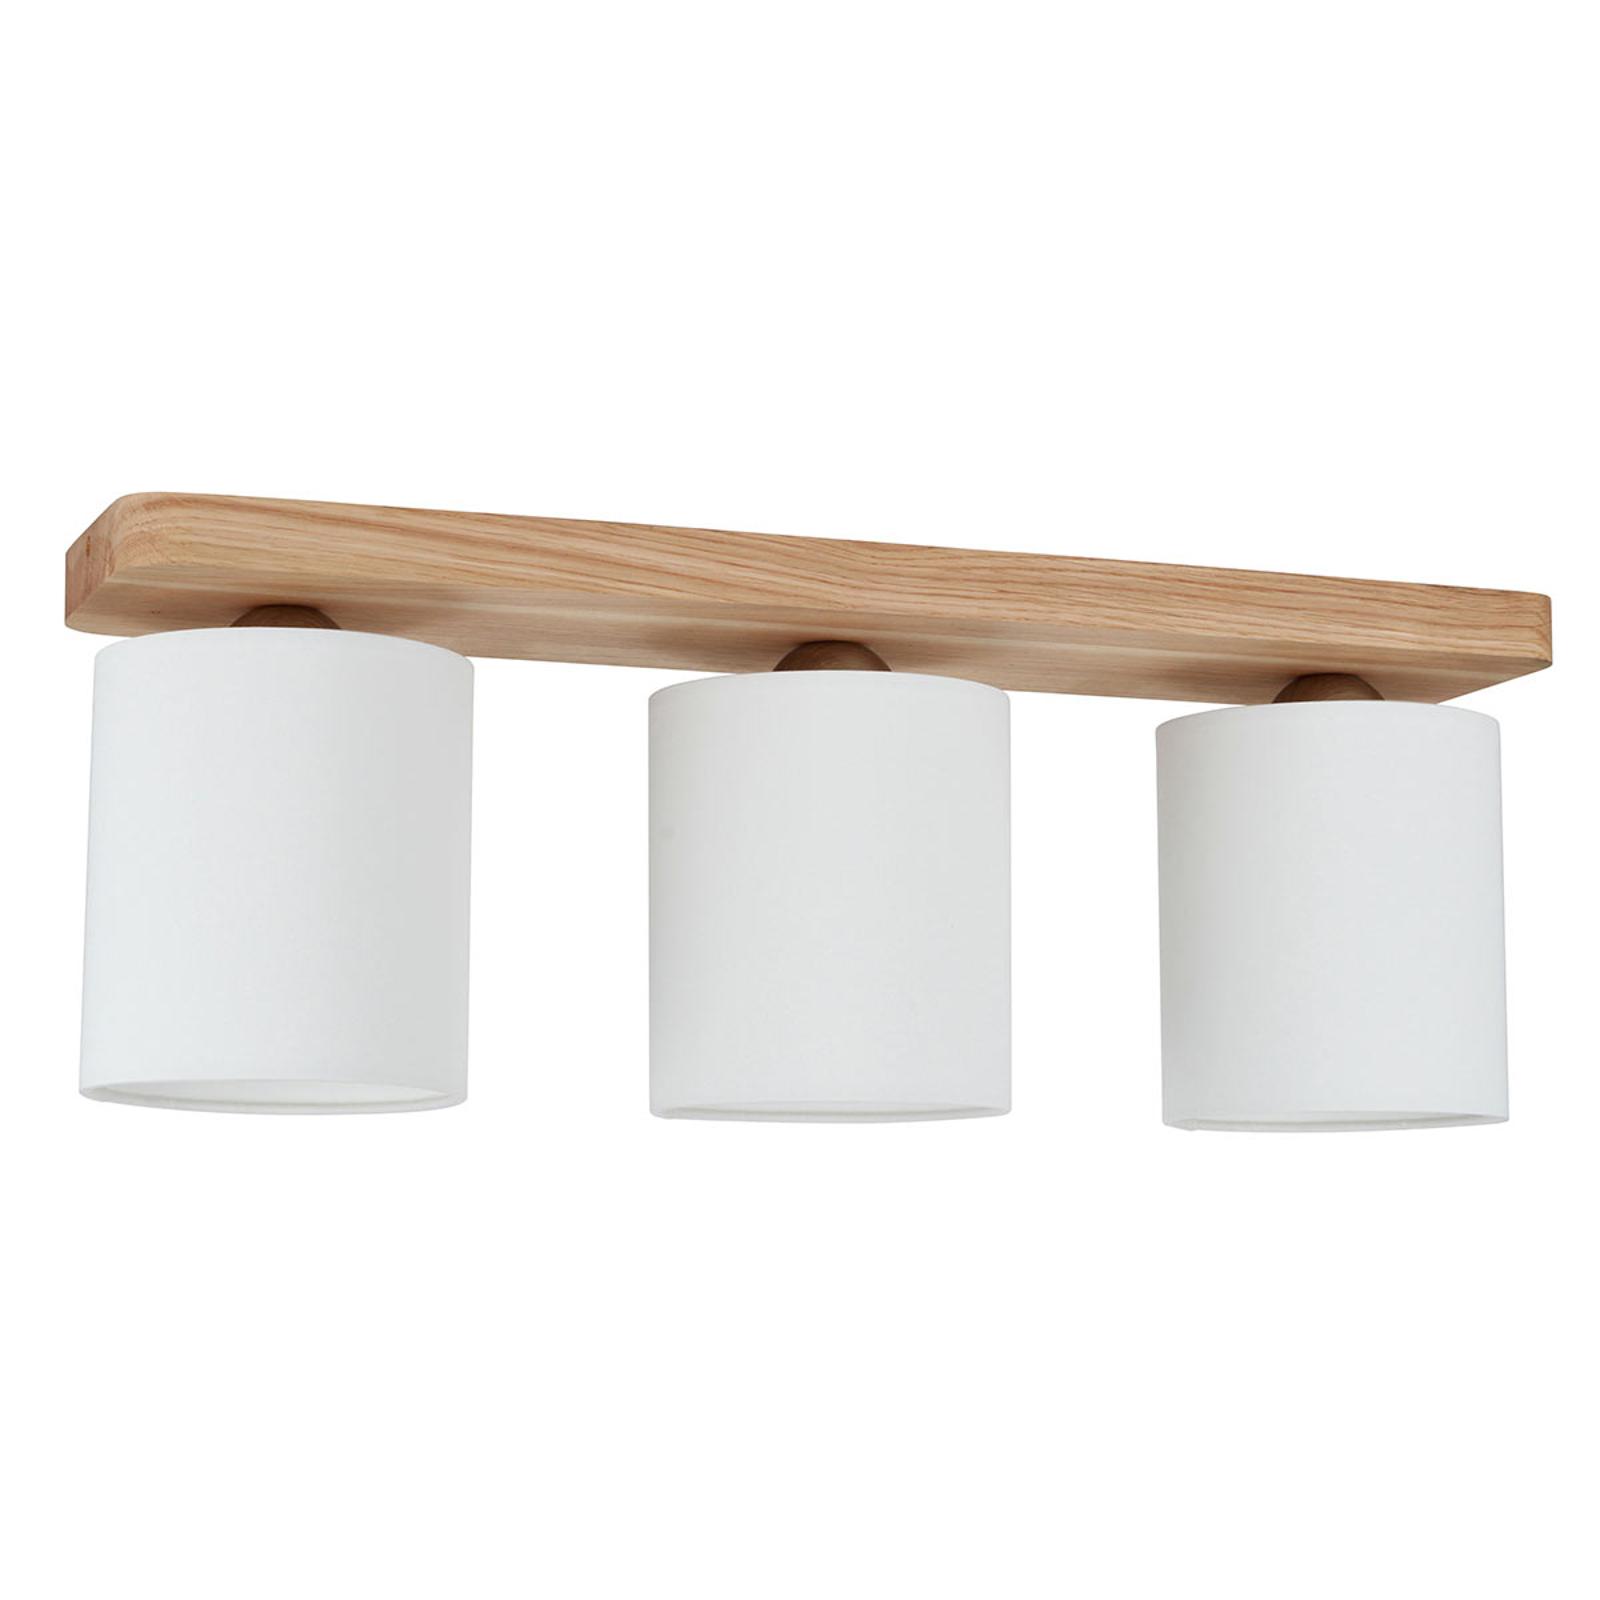 3-lamppuinen Jenta-kattovalaisin, puinen kiinnike